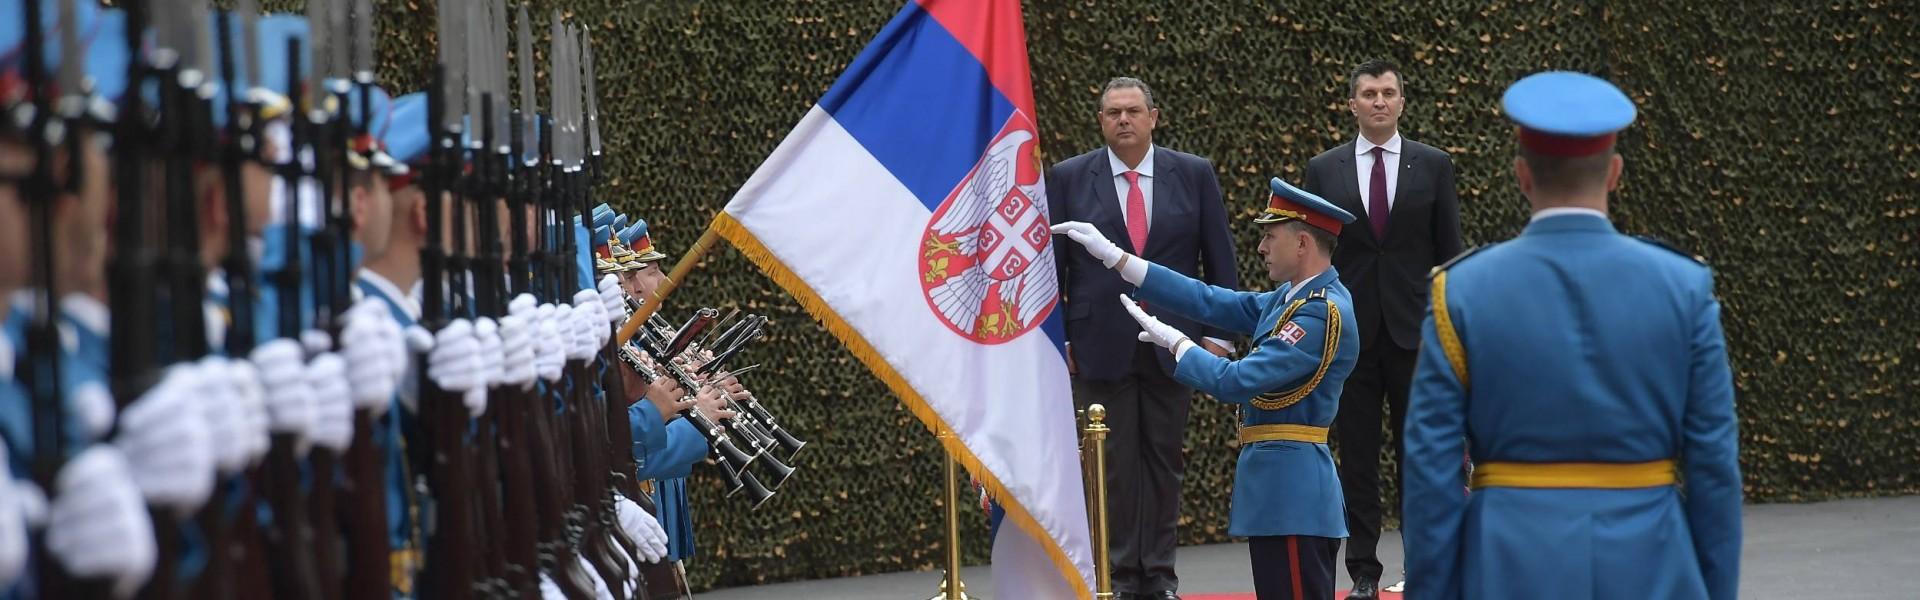 Састанак министара одбрана Србије и Грчке